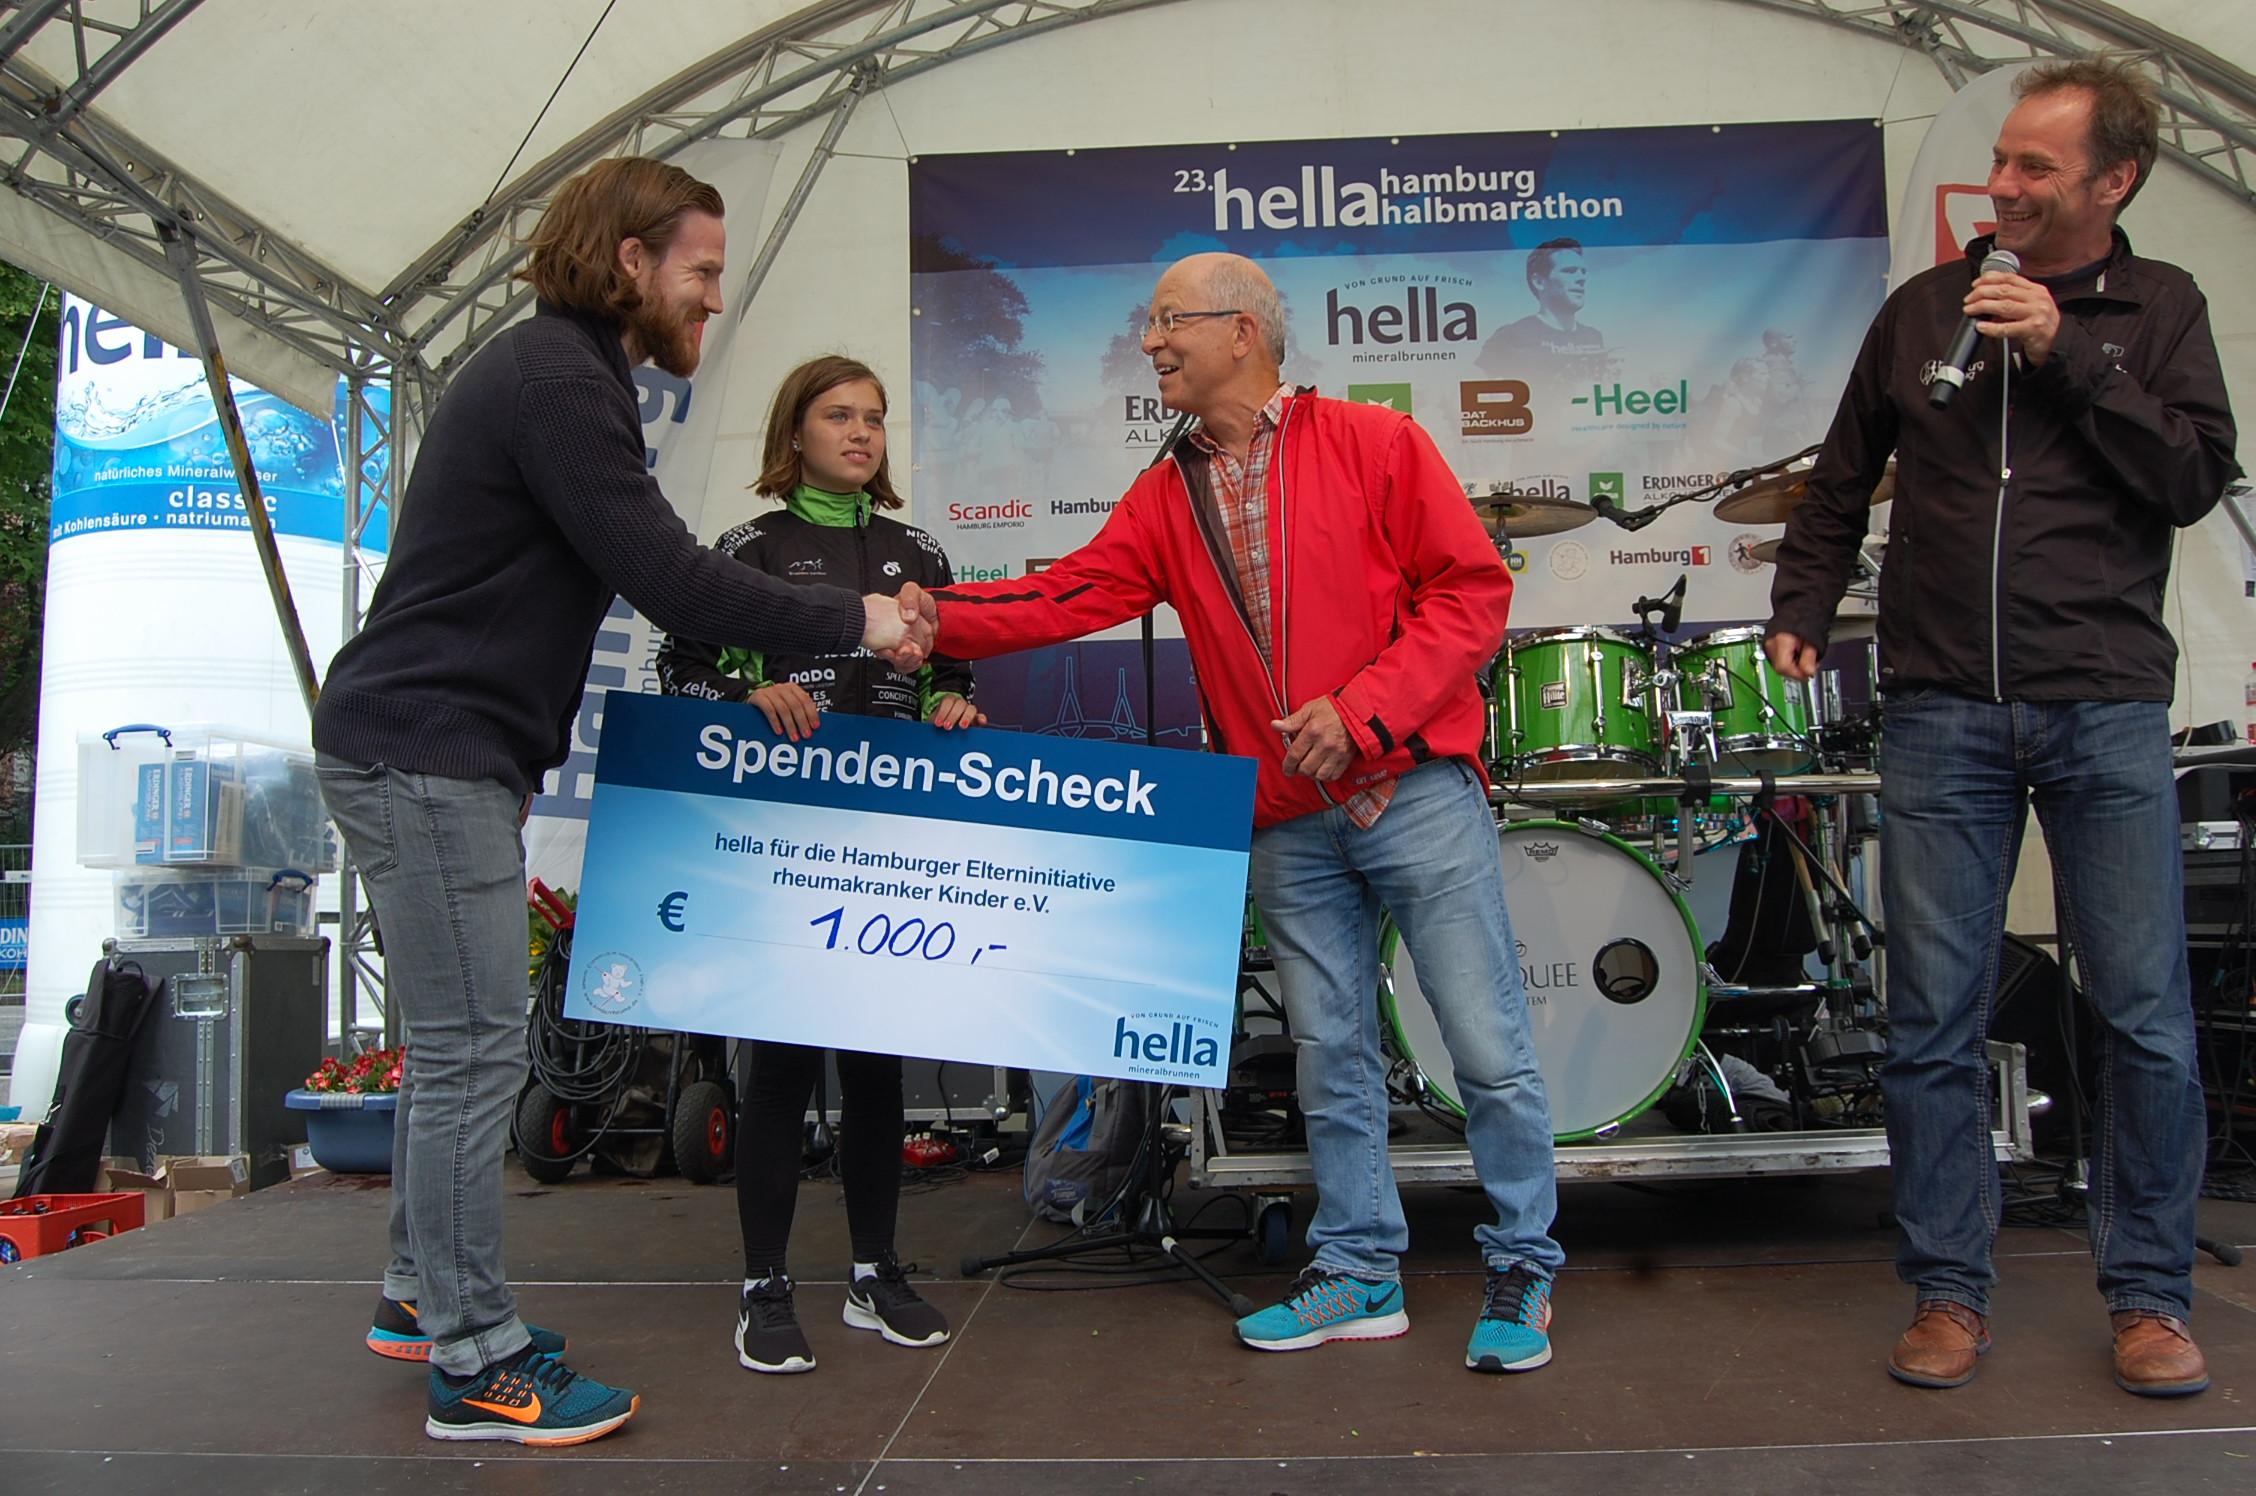 23. hella hamburg Halbmarathon: Ãœbergabe Spendenscheck